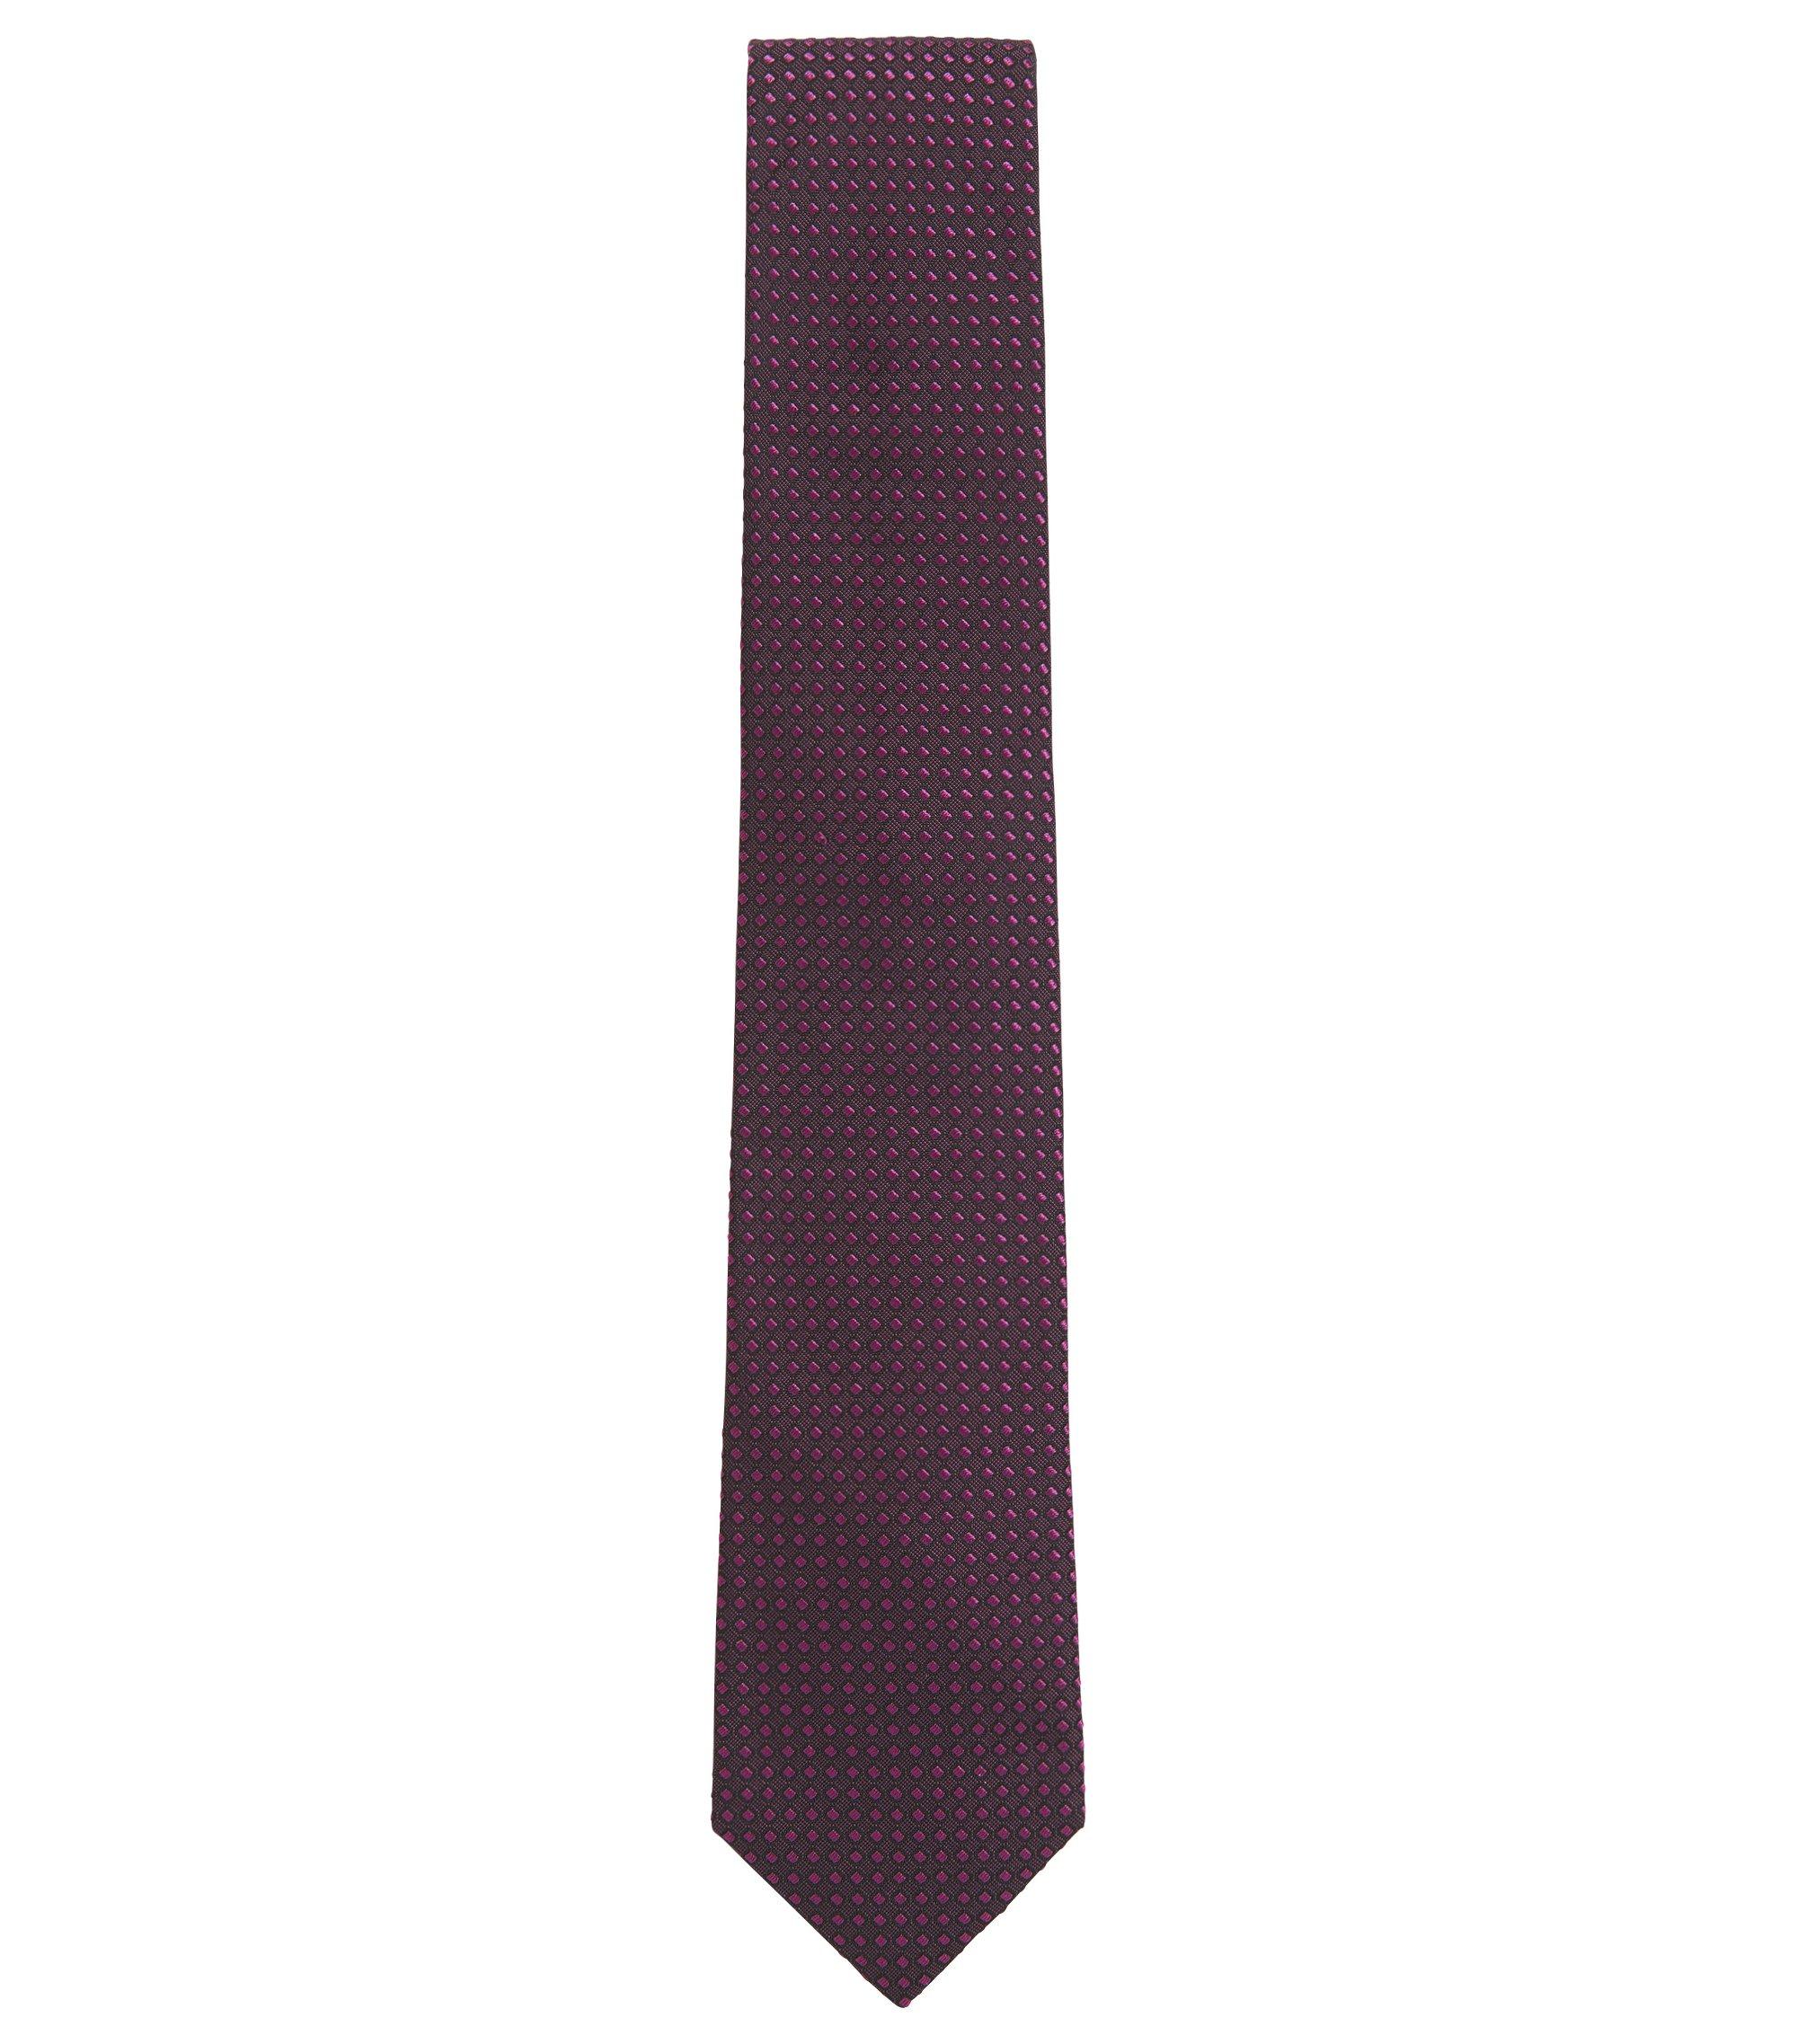 Cravatta in jacquard di seta con microdisegni tono su tono, Rosa scuro